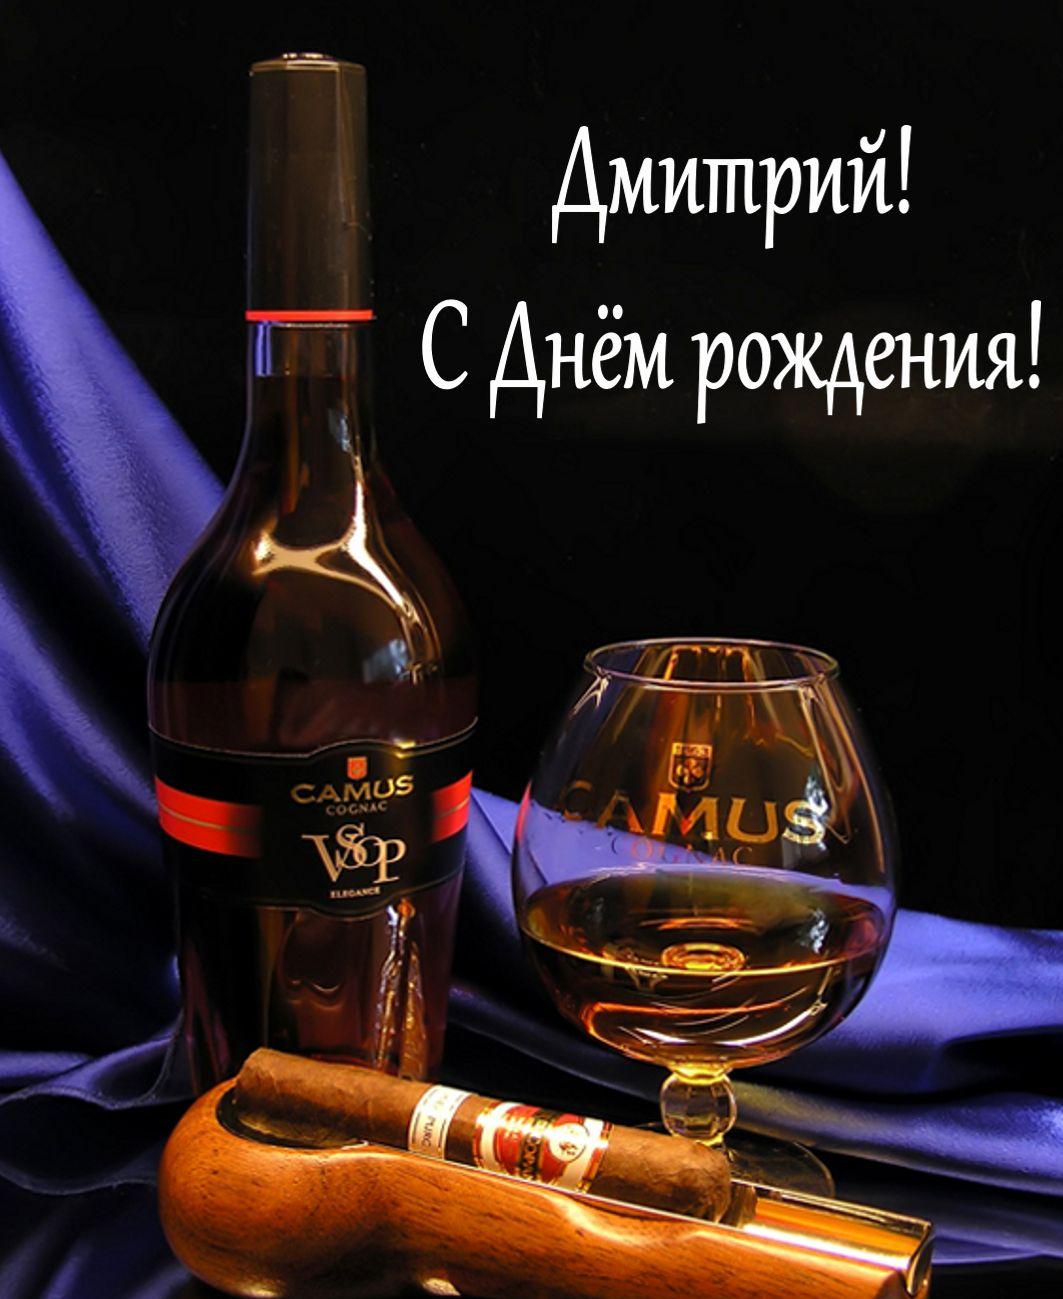 Прикольные поздравления диме в день рождения 77